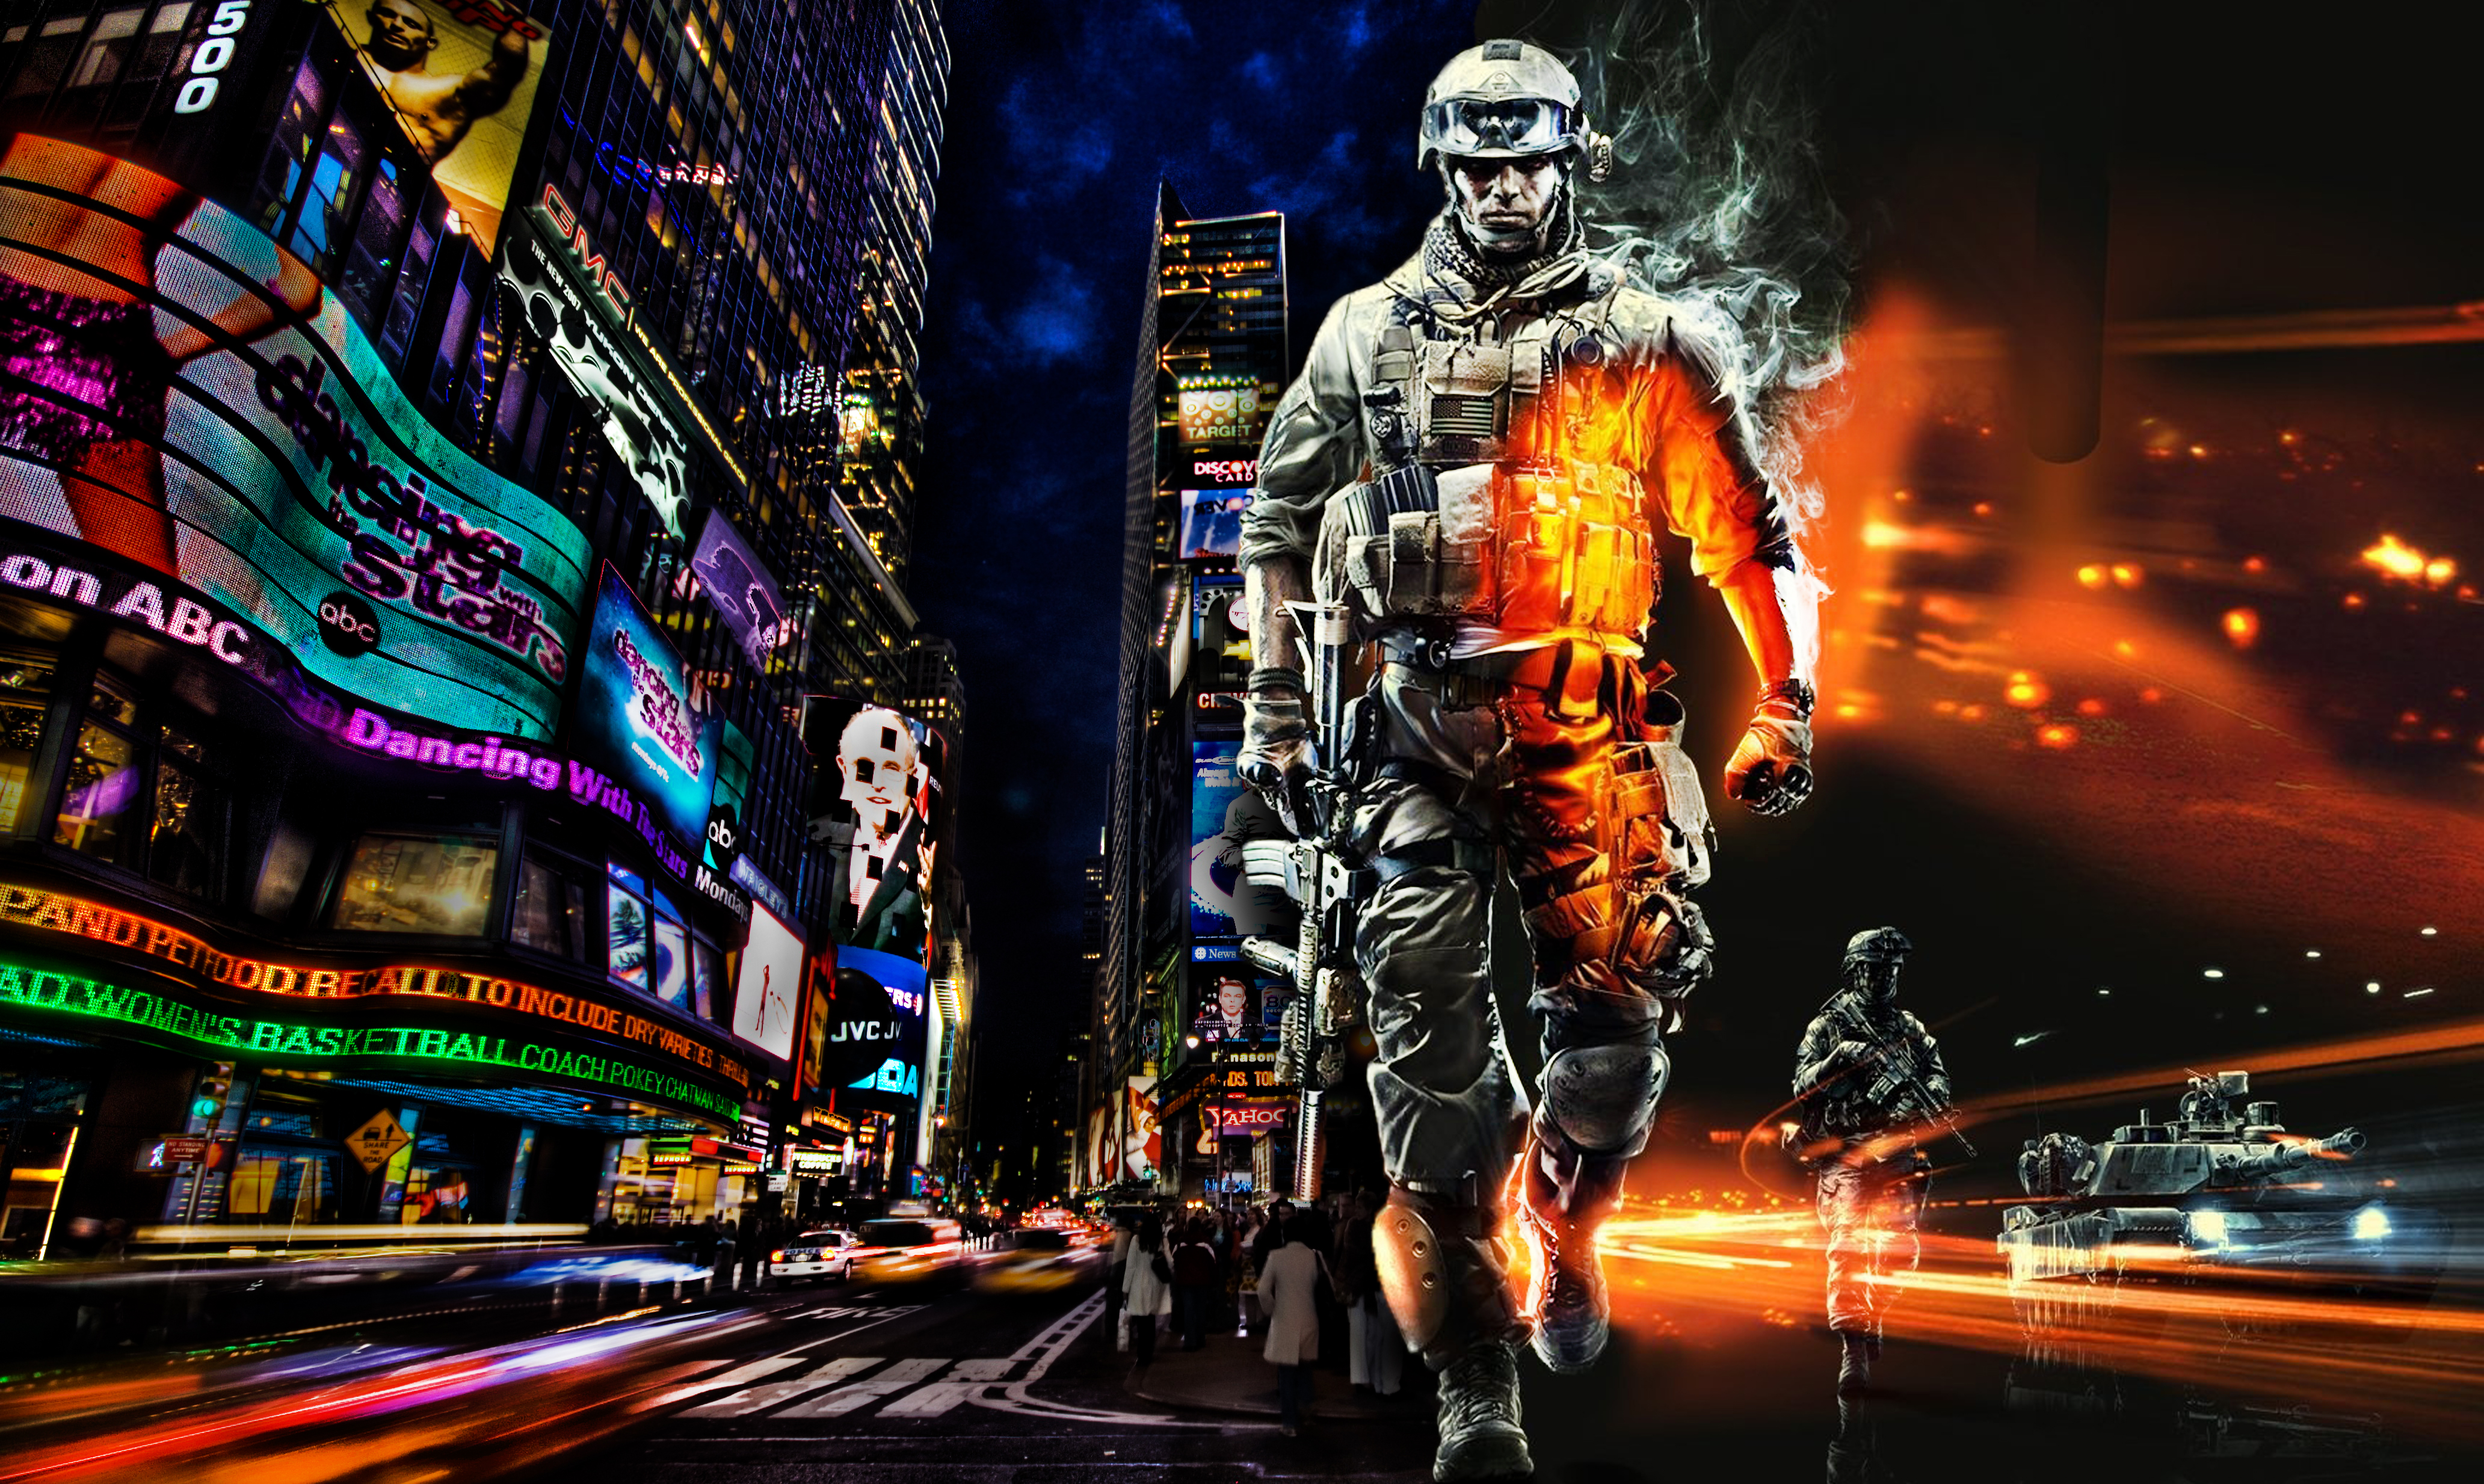 Times Square HD Wallpaper - WallpaperSafari